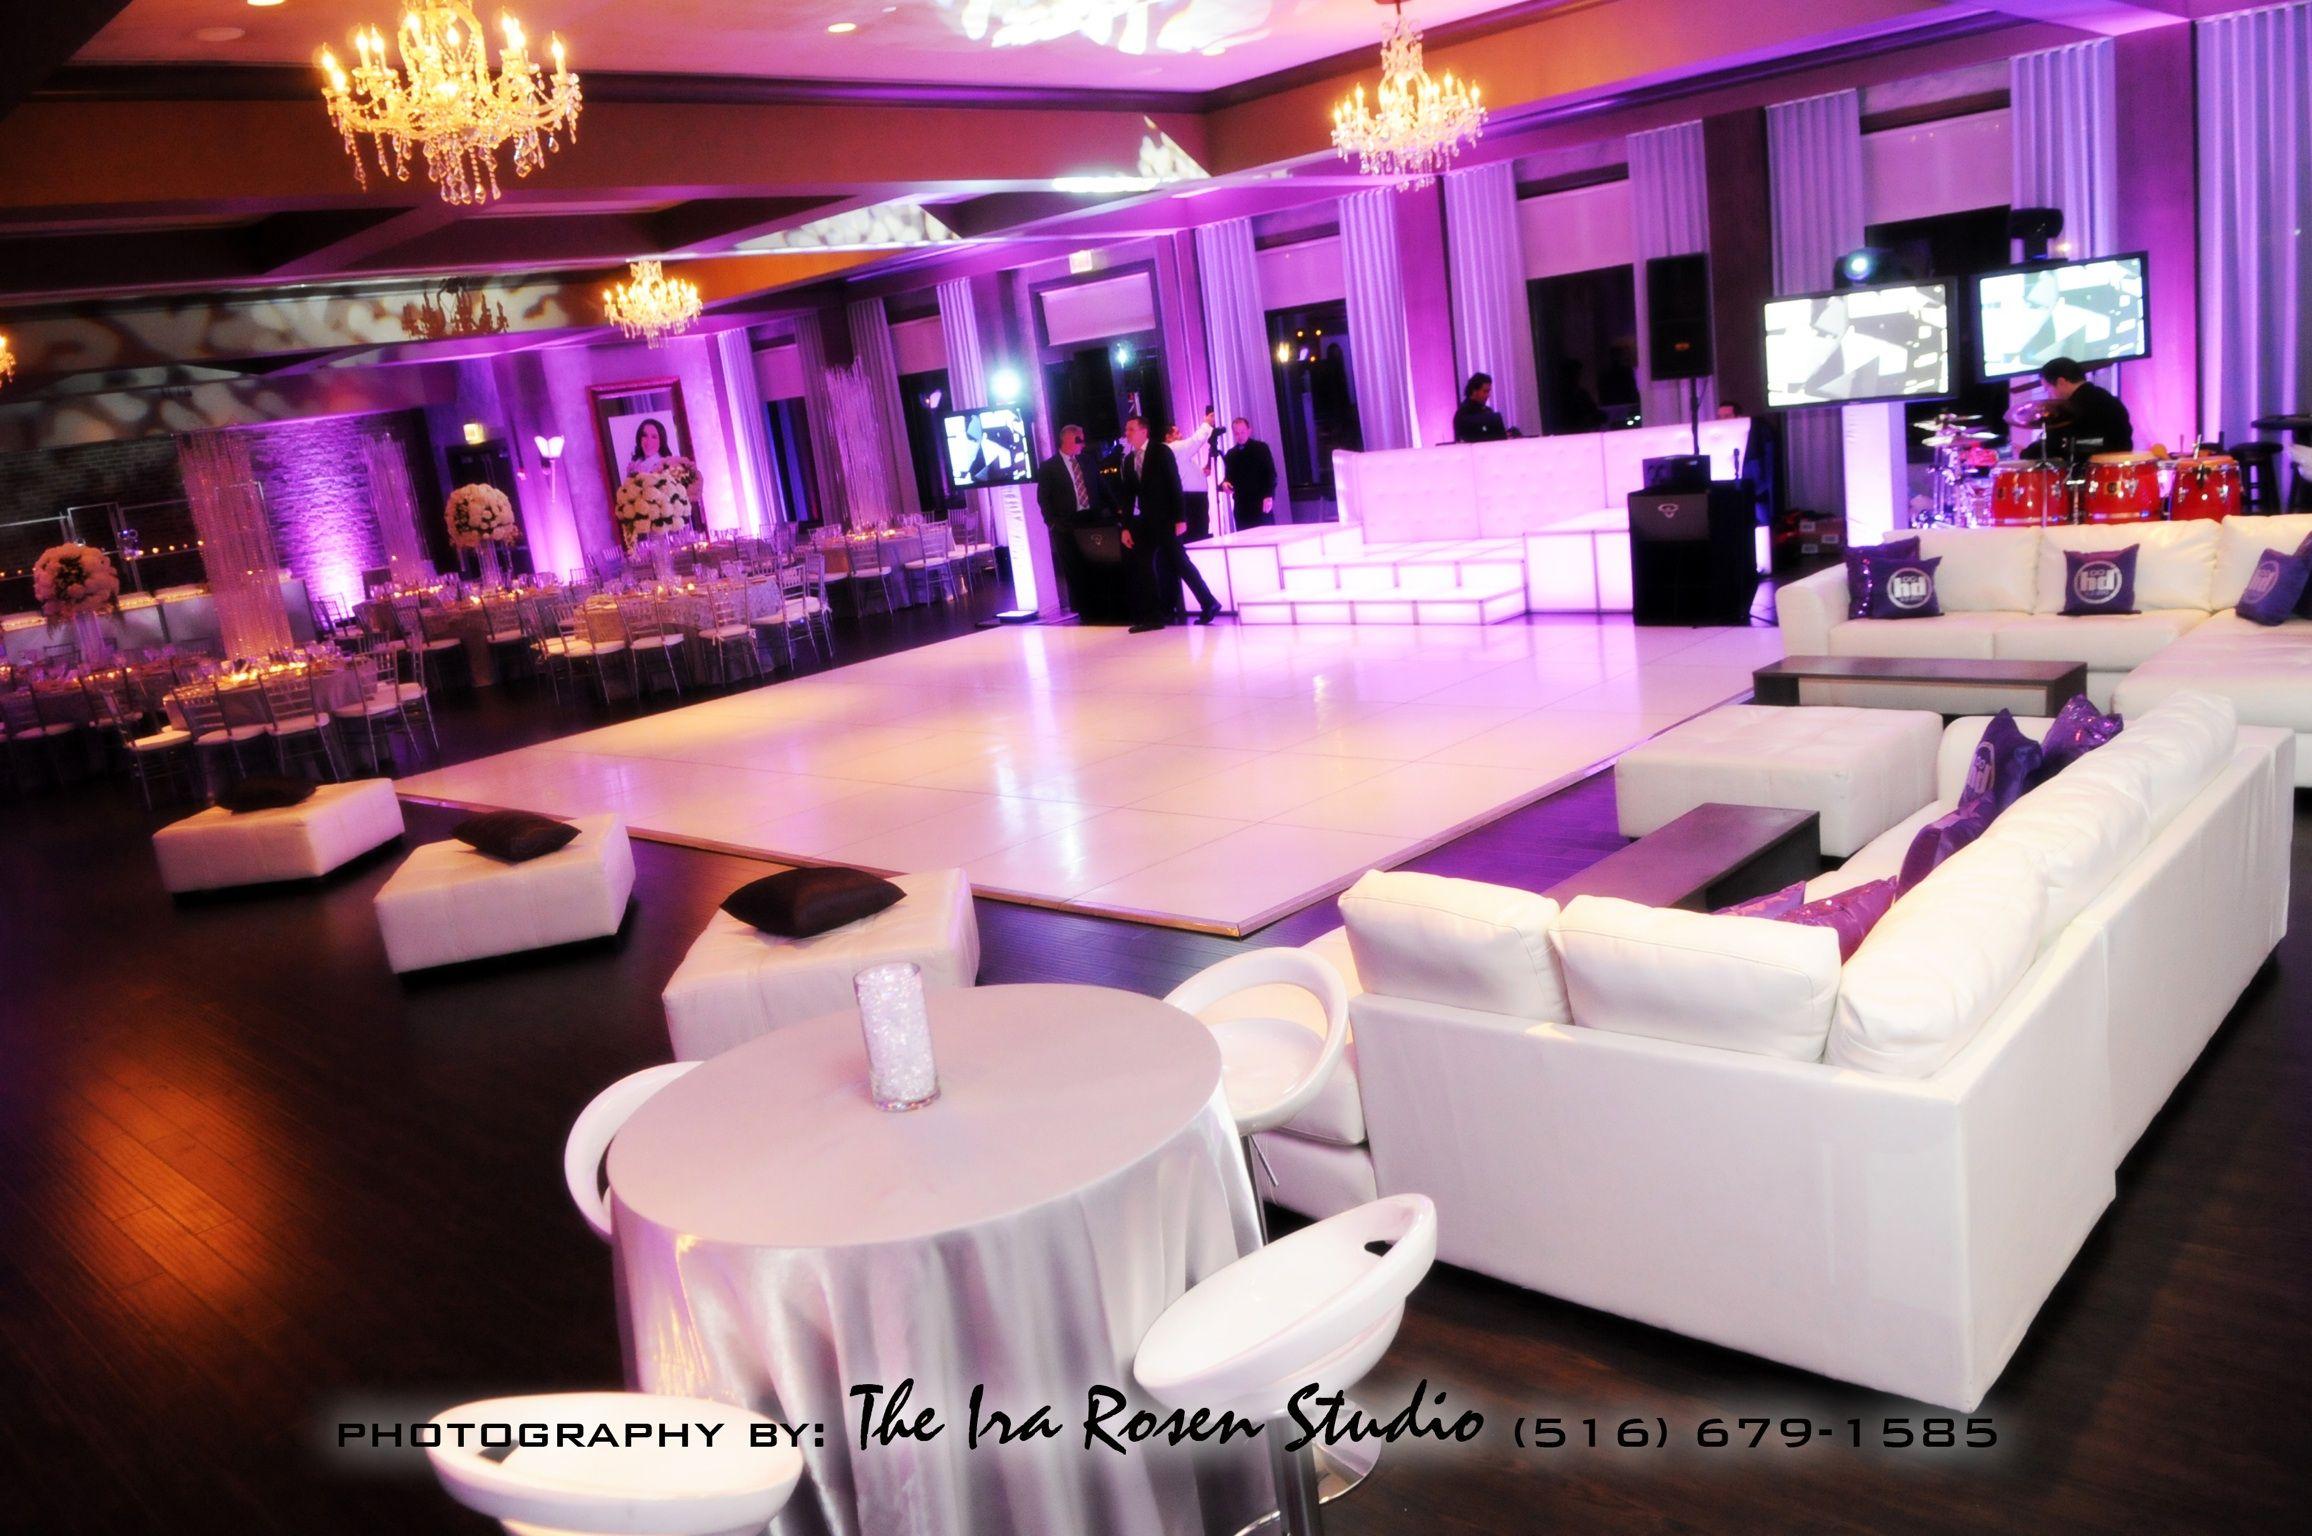 White Lounge Furniture Rental Lounge Furniture Lounge